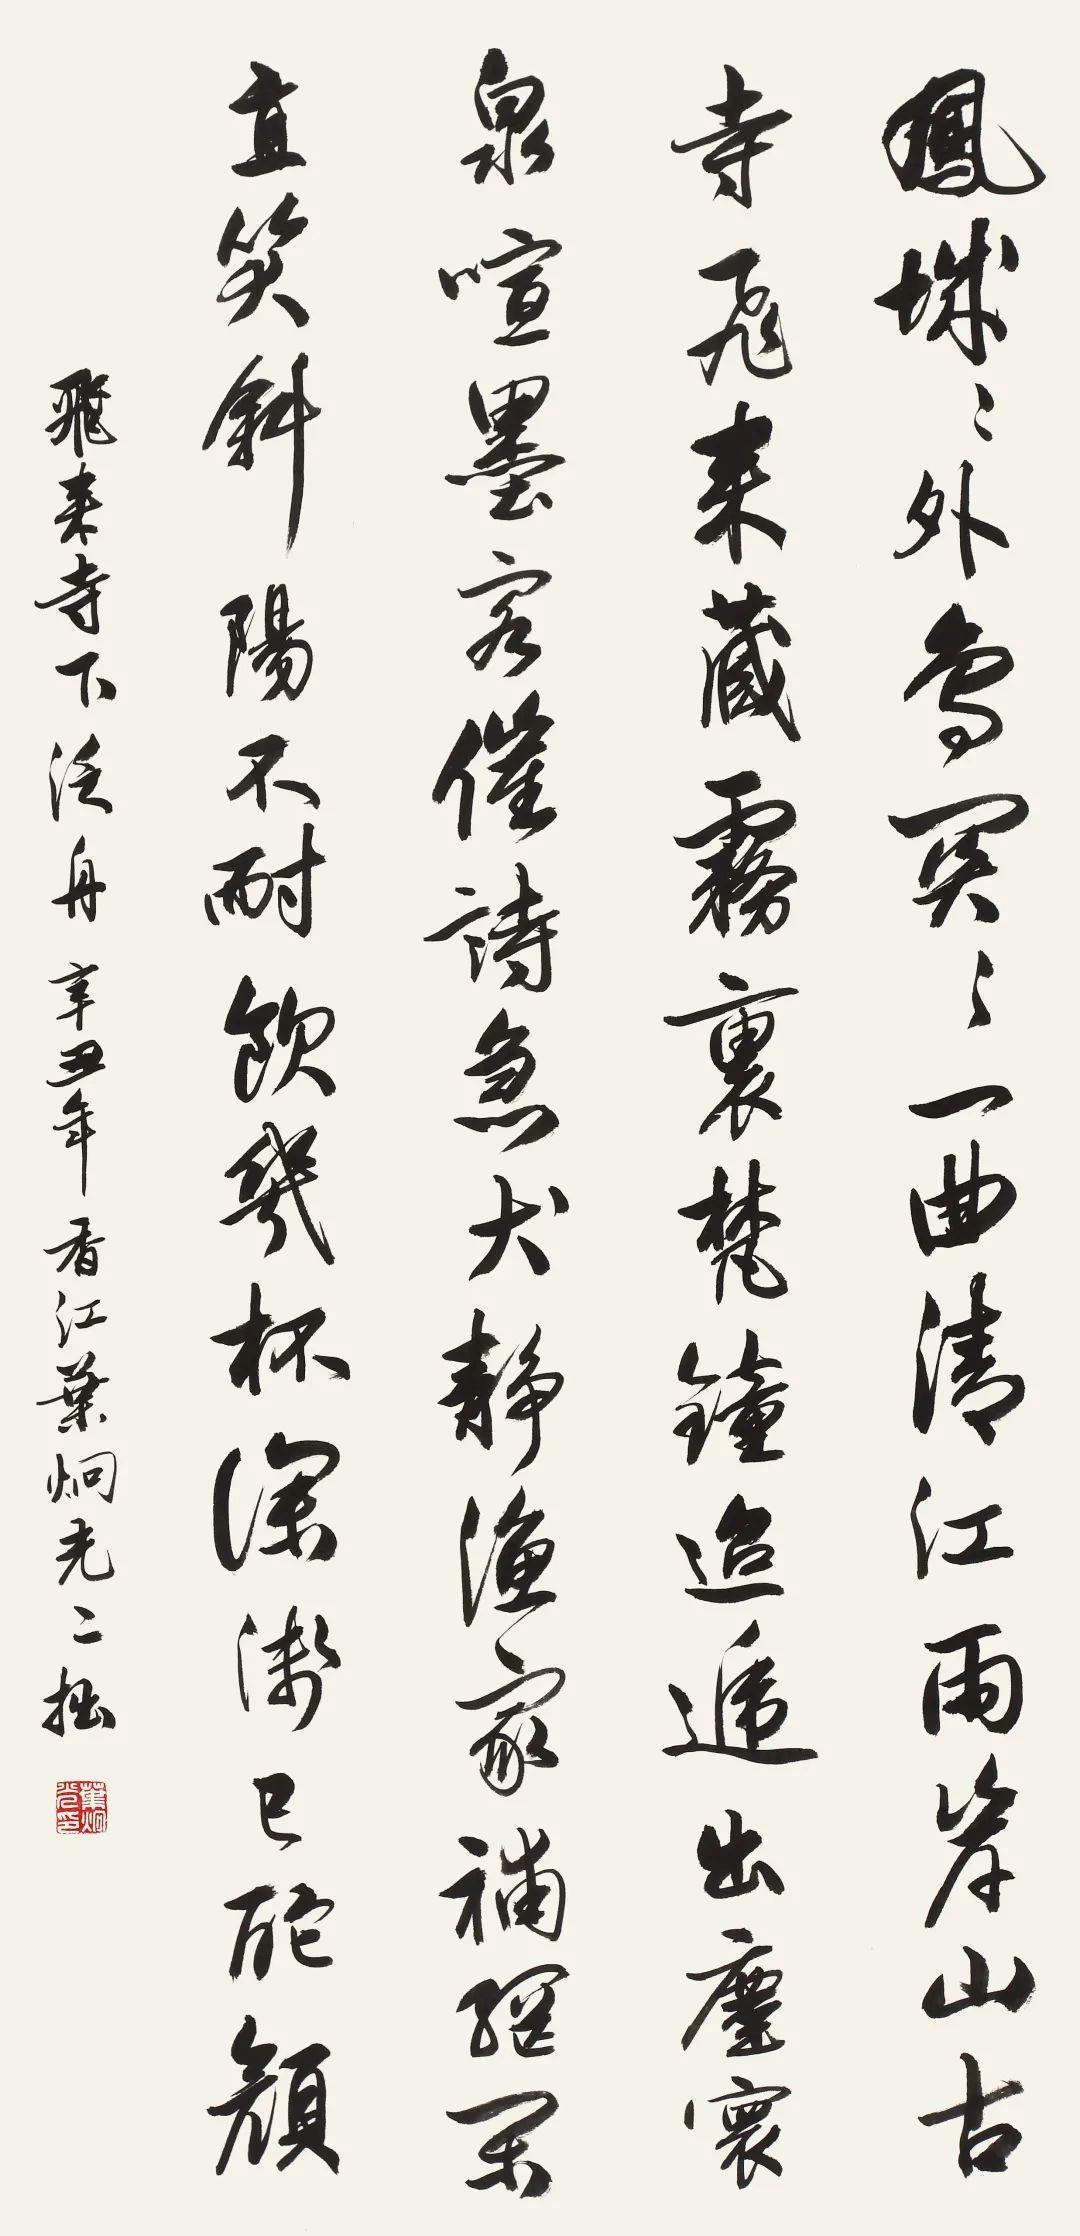 香港詩書聯學会主席、中国书协香港分会副主席、中国楹联学会理事、中国硬笔书法协会理事叶烔光